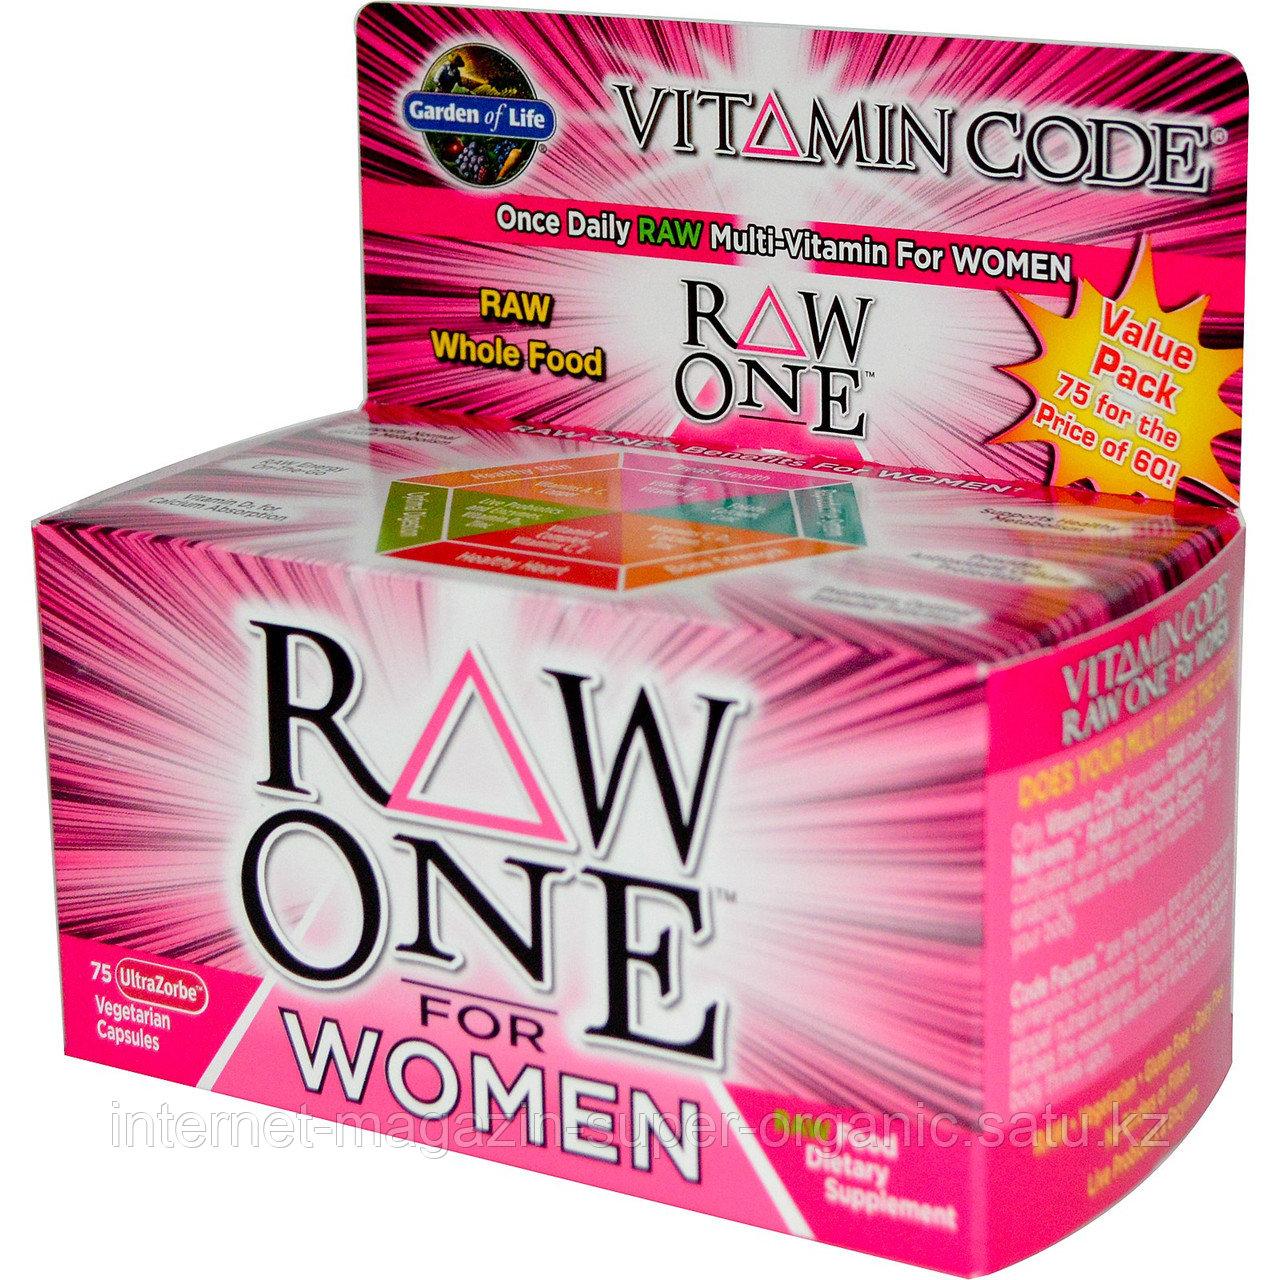 Чистые витамины для женщин, 75 ультраабсорбирующихся капсул на растительной основе, Garden of Life